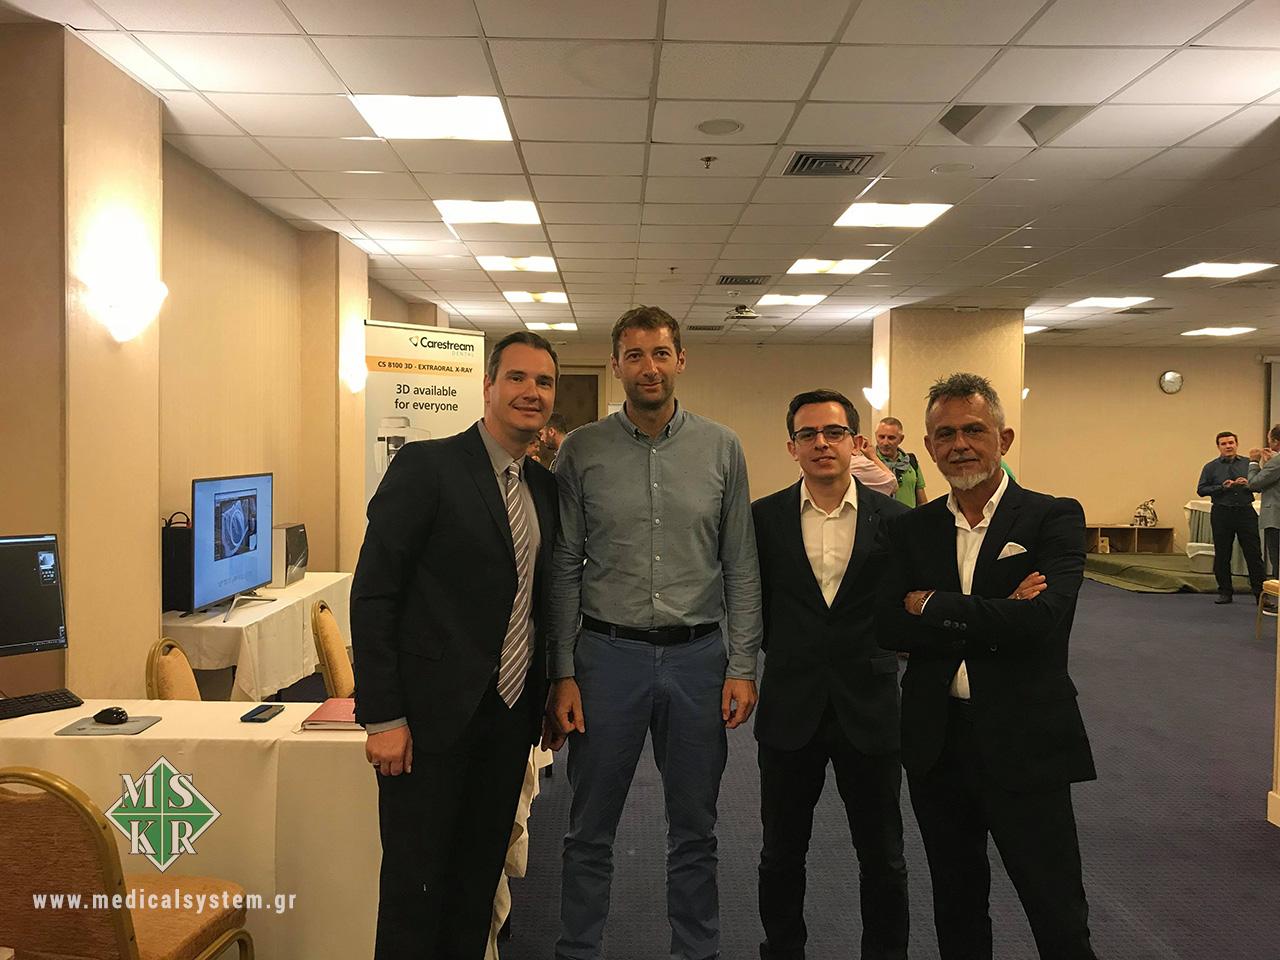 Στελέχη Medical Systems με τον συνεργάτη κ. Mario Millazzo από την Carestream Dental